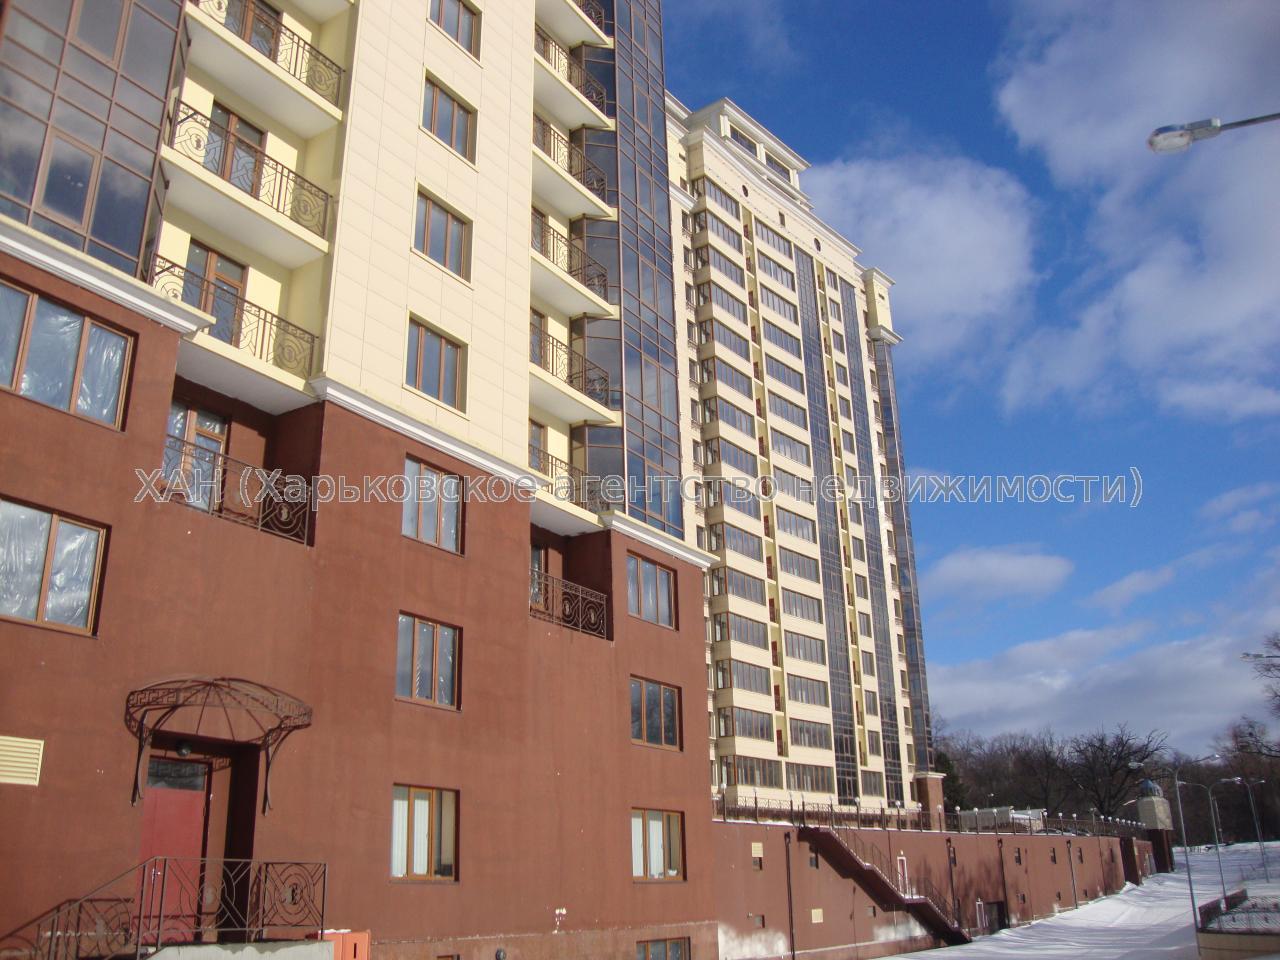 Фото 2 - Продам квартиру Харьков, Профессорская ул.